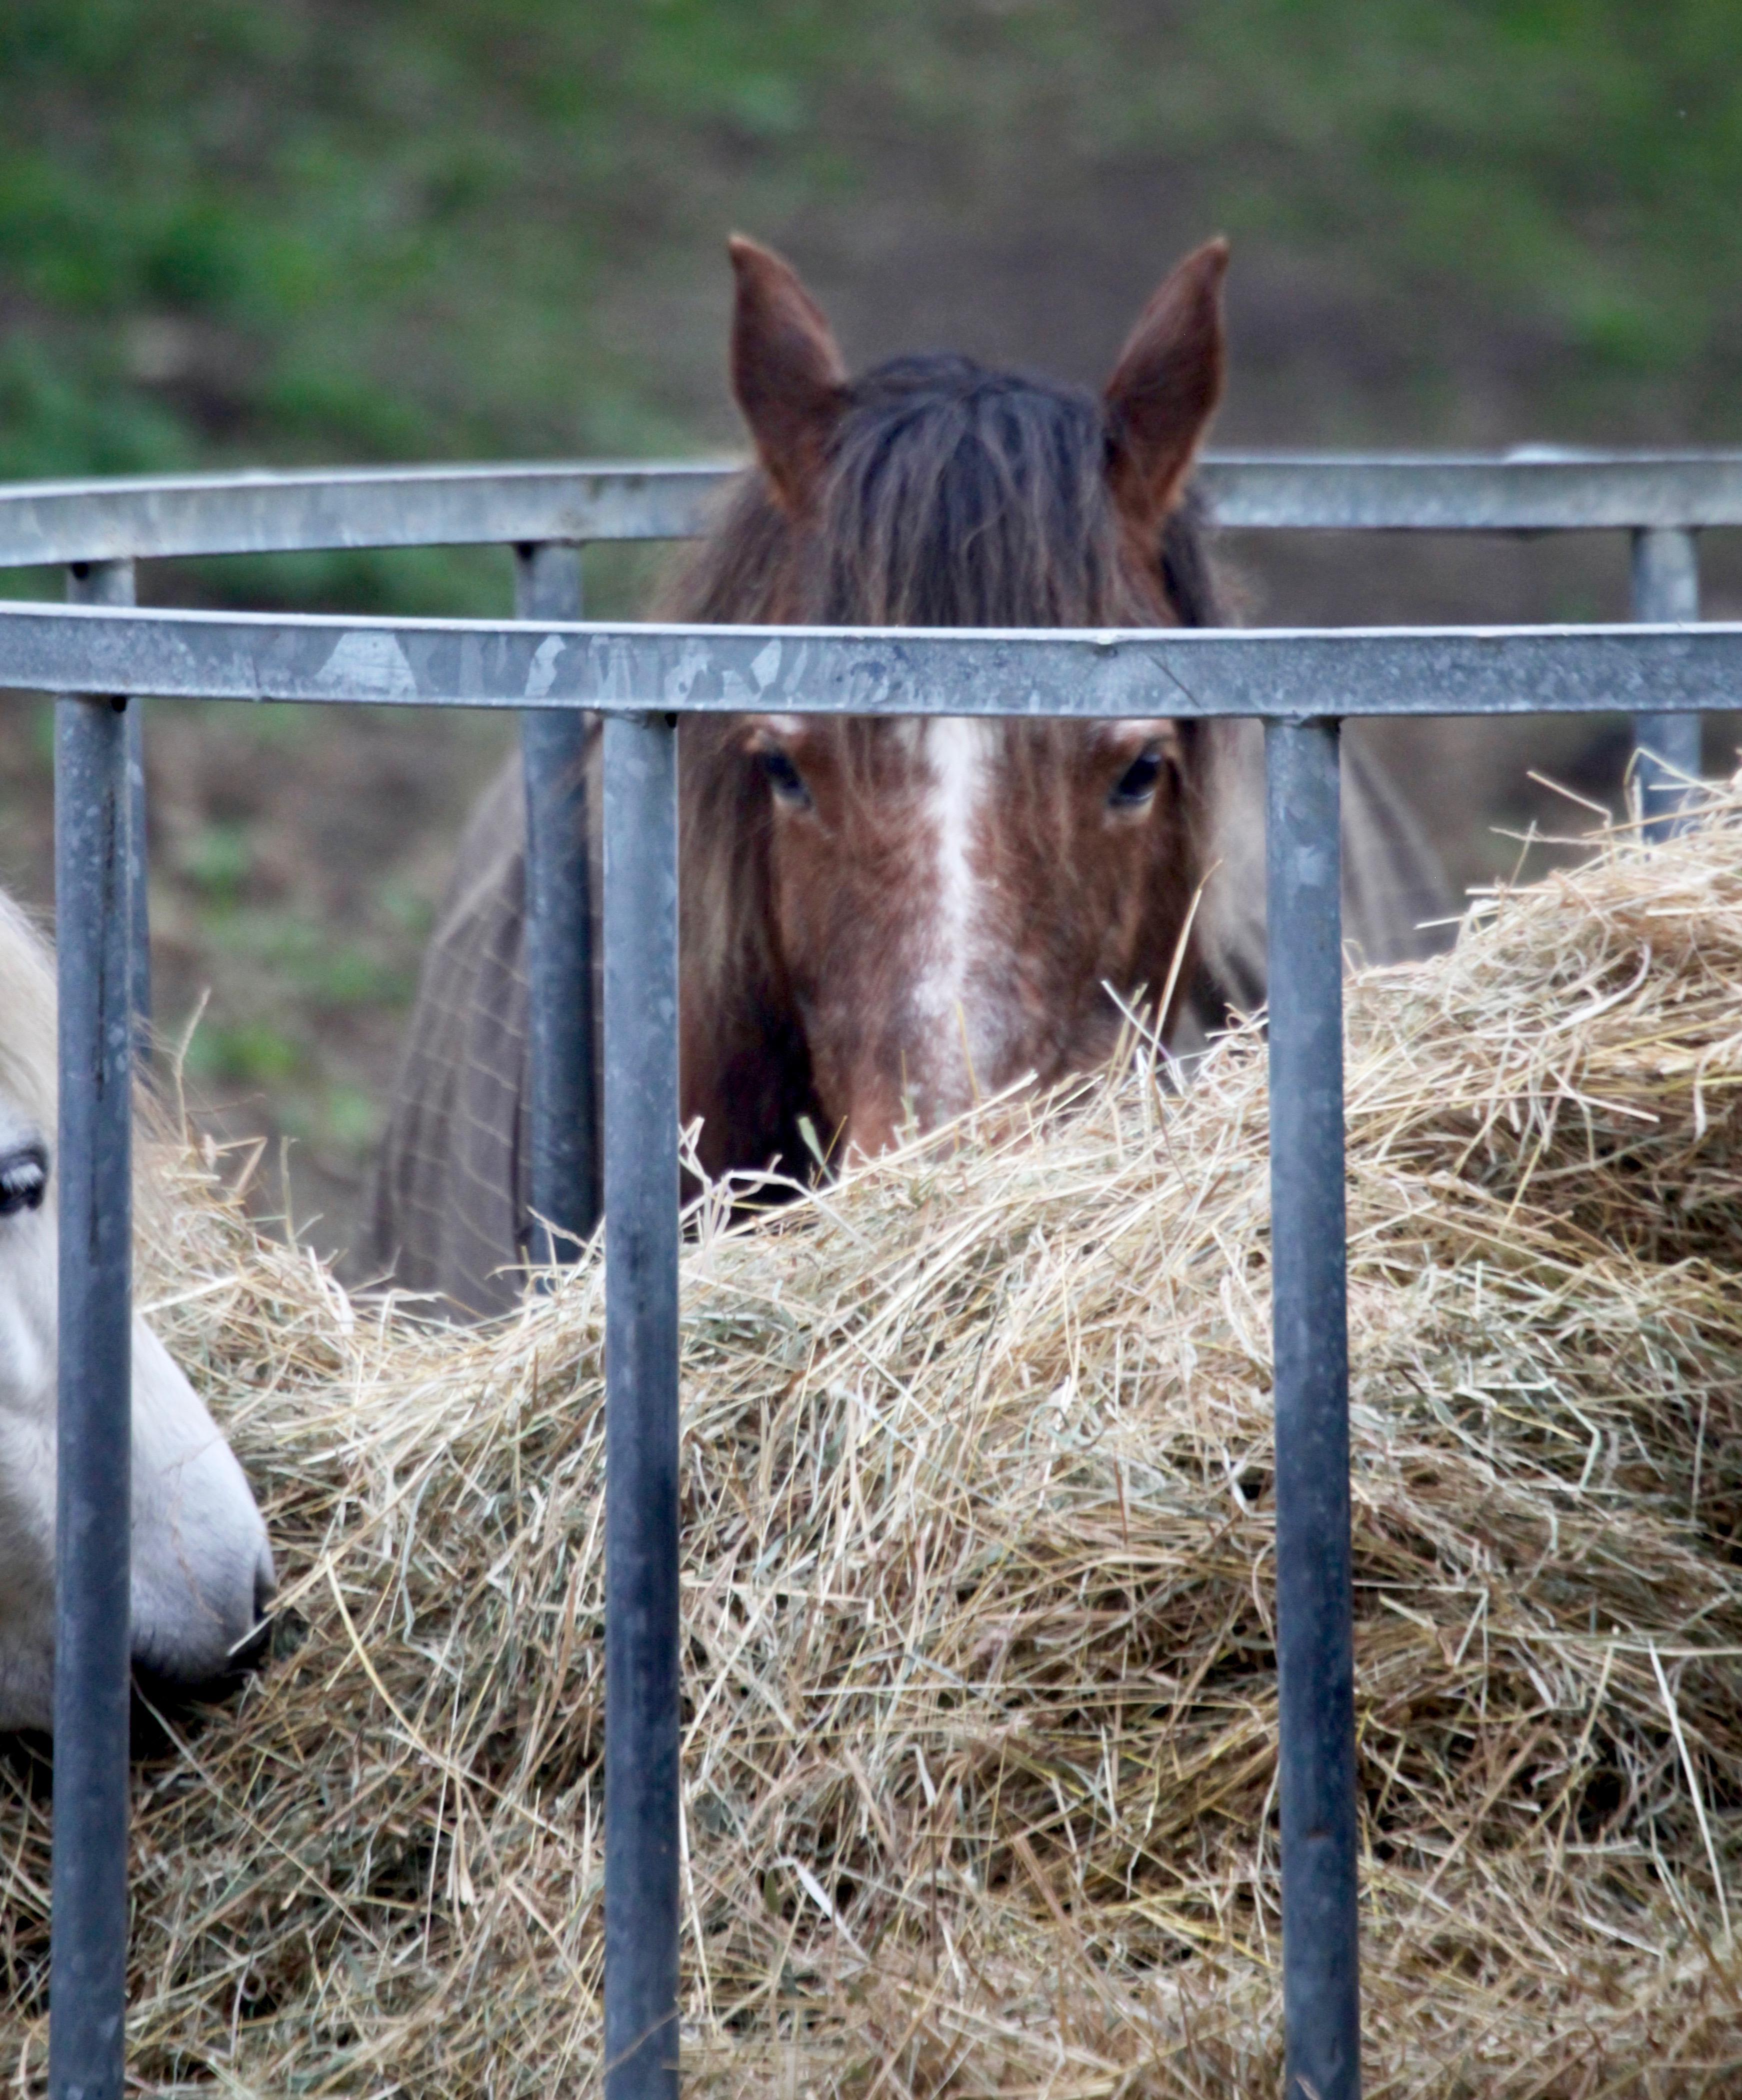 Ponies eating hay 5